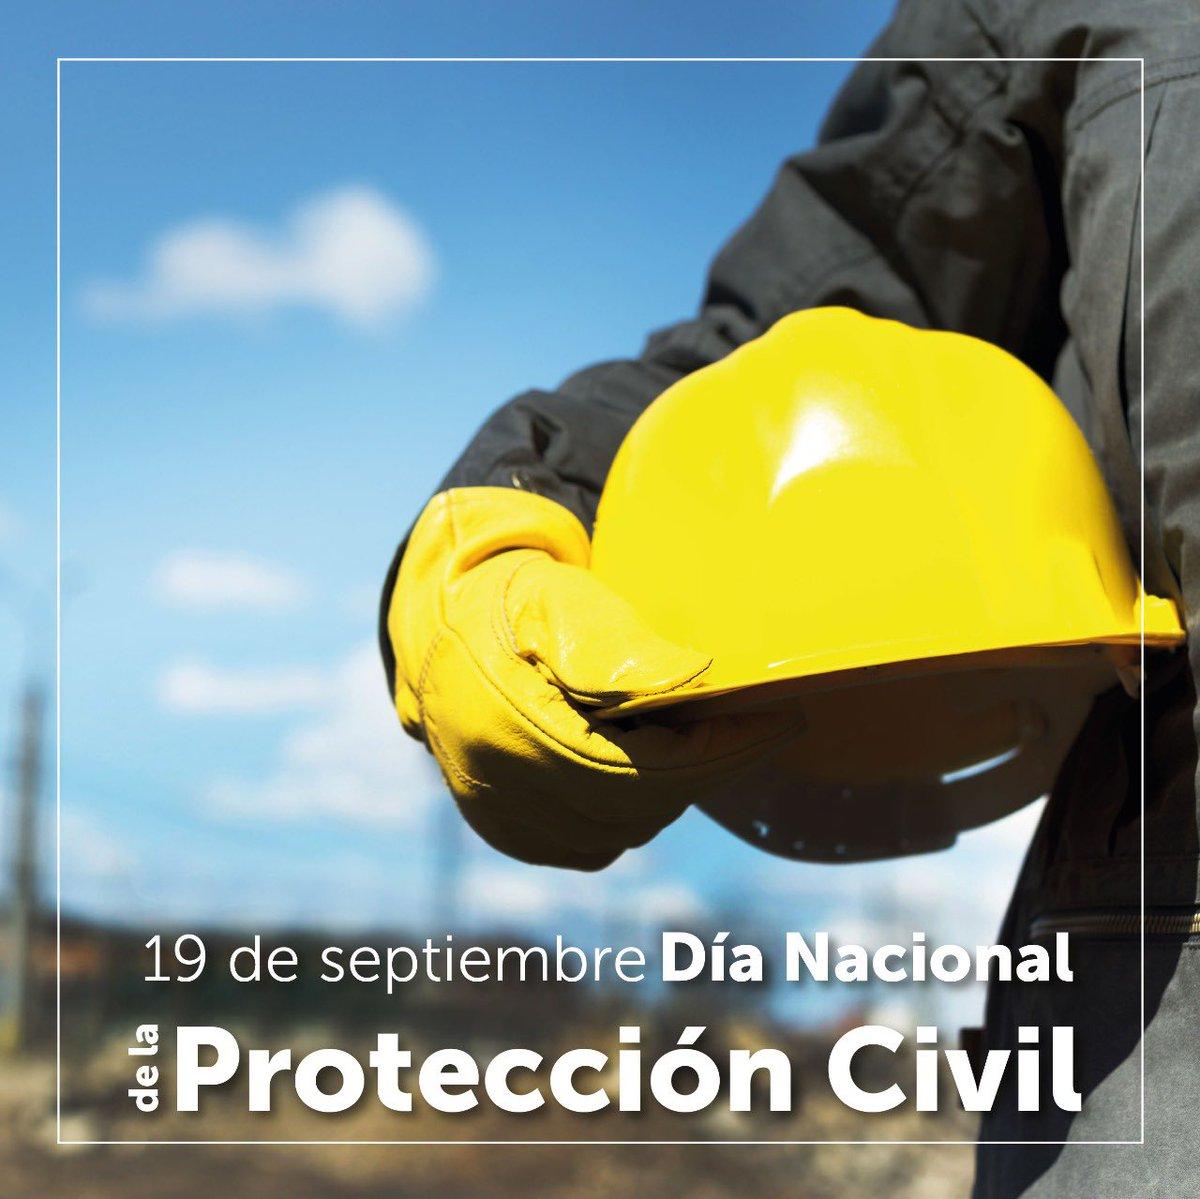 Mi reconocimiento a todas y todos los servidores de #ProtecciónCivil, por su noble y valiente labor.  Gracias por salvaguarda las vidas humanas, los bienes y el entorno en el que vivimos.  #DíaNacionalDeProtecciónCivil 👨🏻🚒👩🏼🚒  @ProtCivilSLP | #SLP https://t.co/ihtYjfMPJI